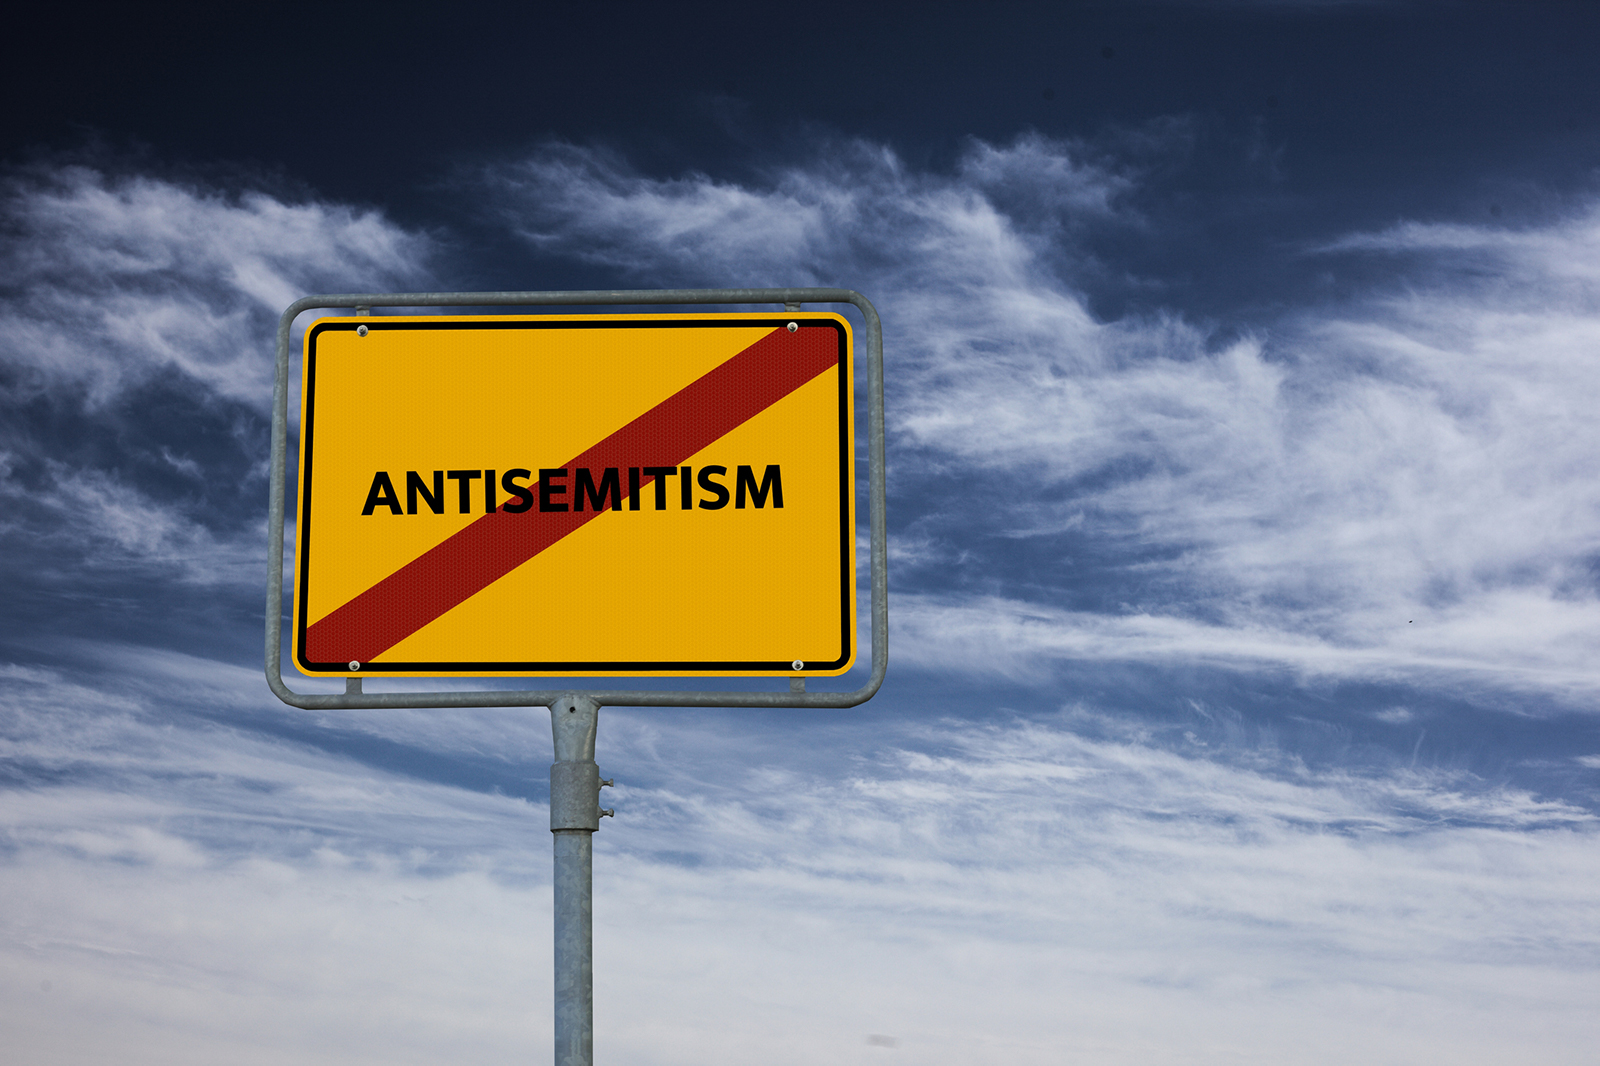 Anti semetism sign